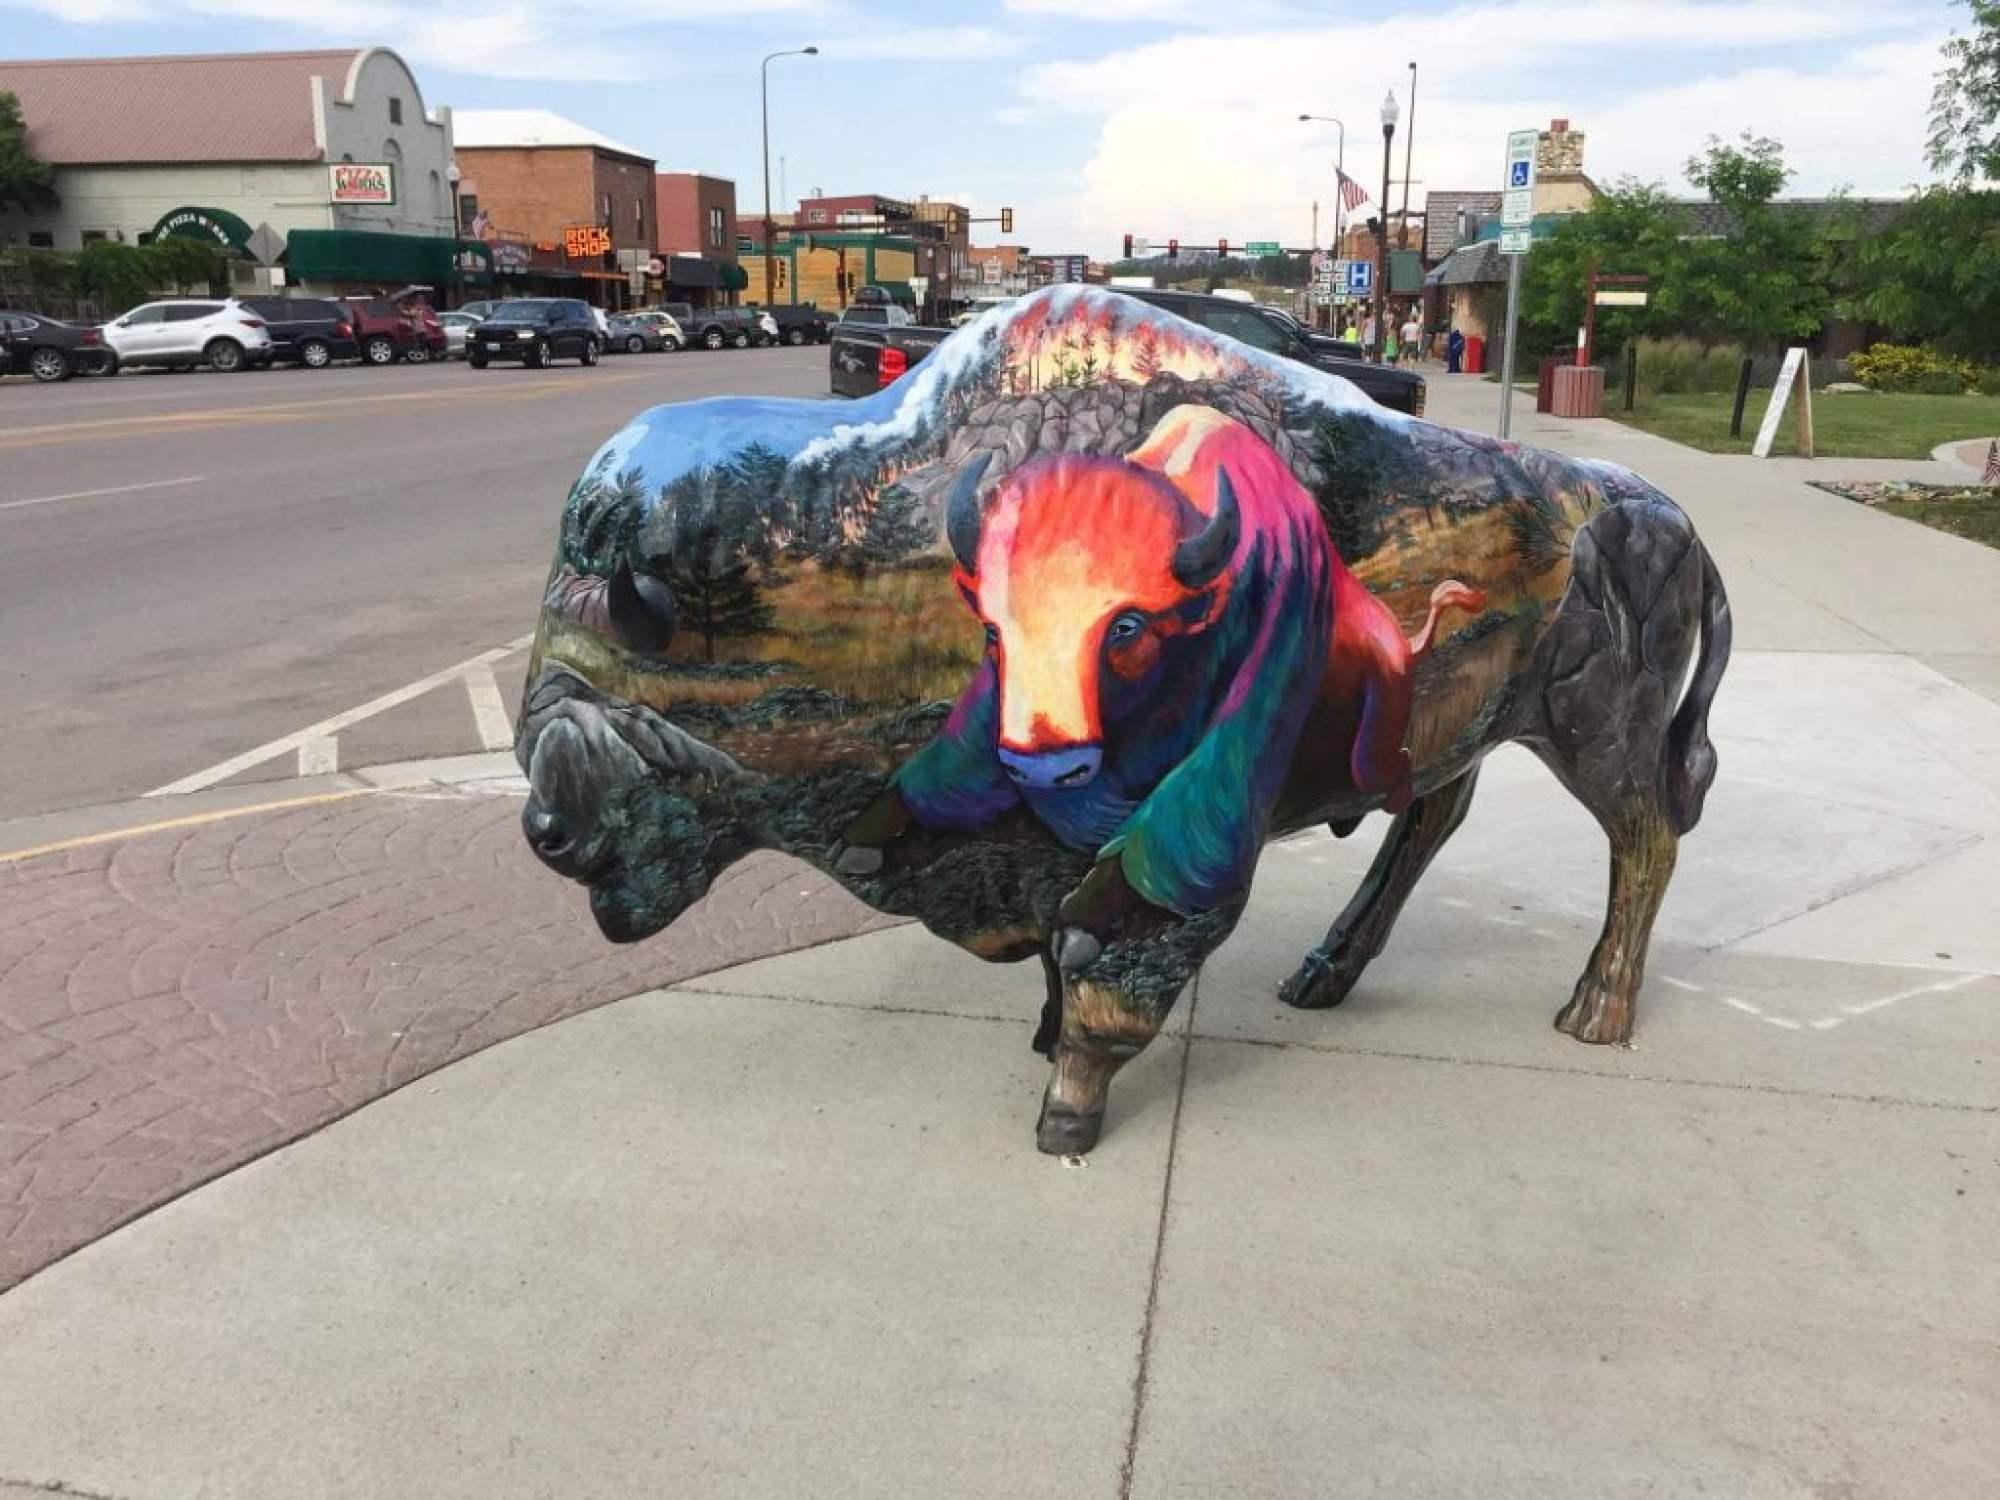 Big Painted Buffalos in Custer South Dakota